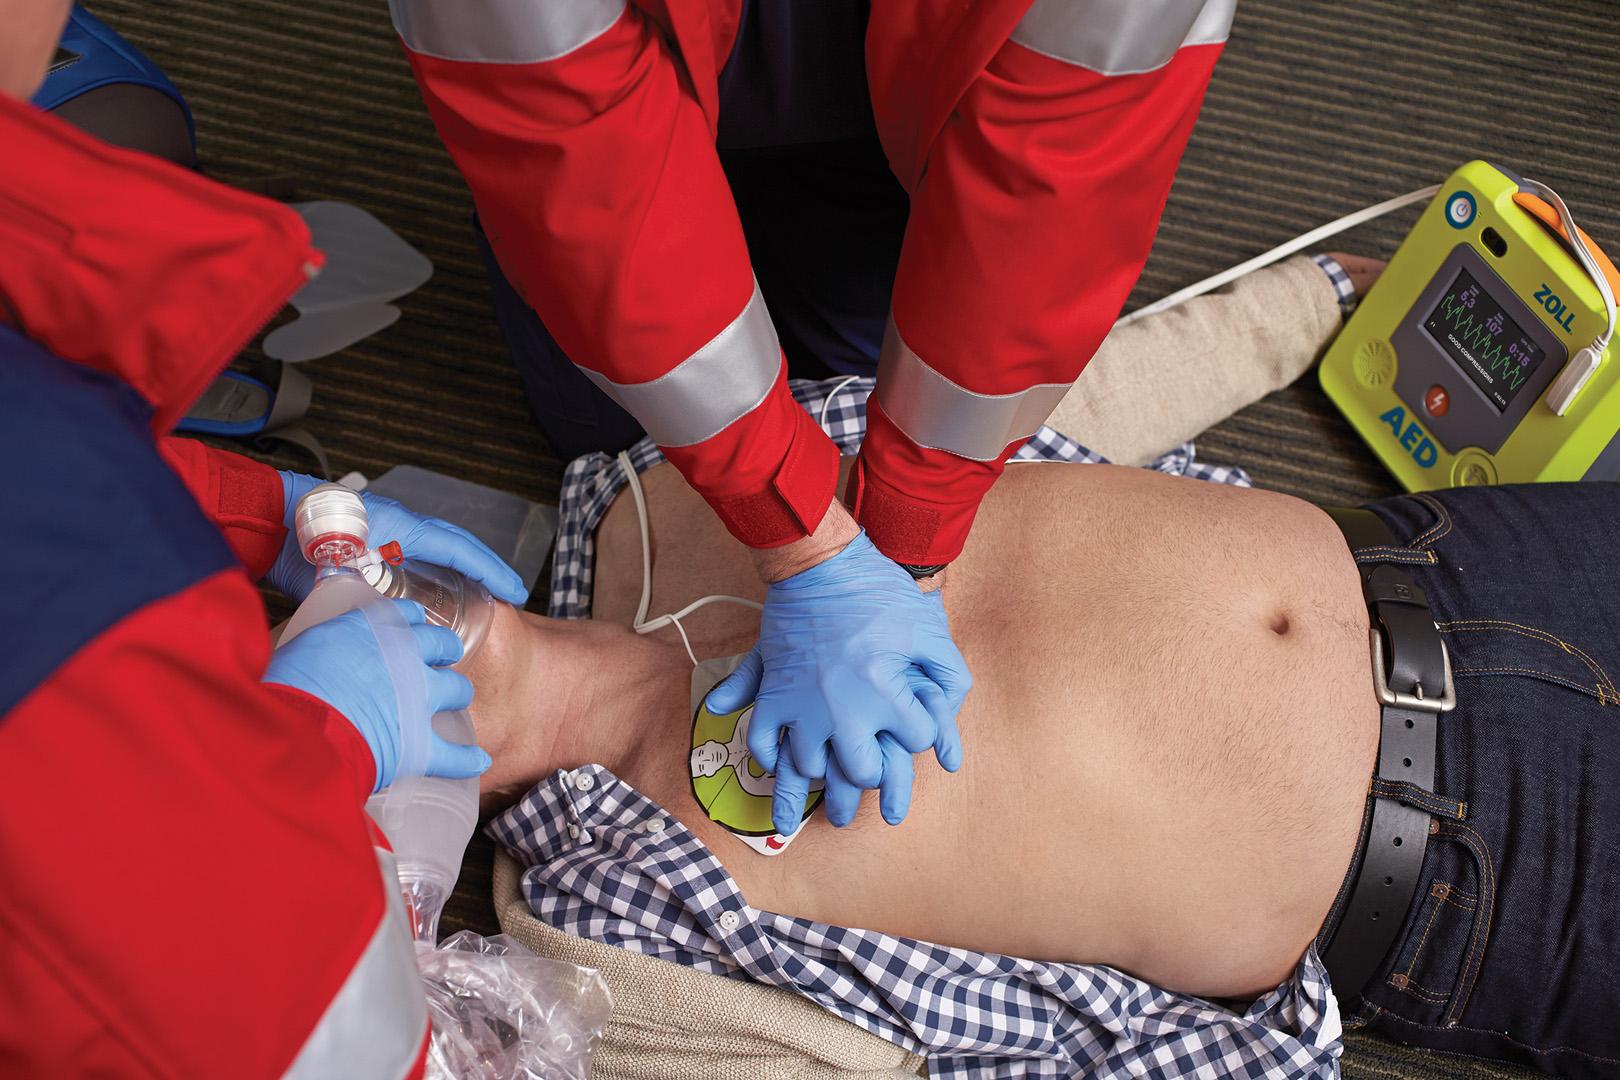 AED3_EV_BLS_CPR3